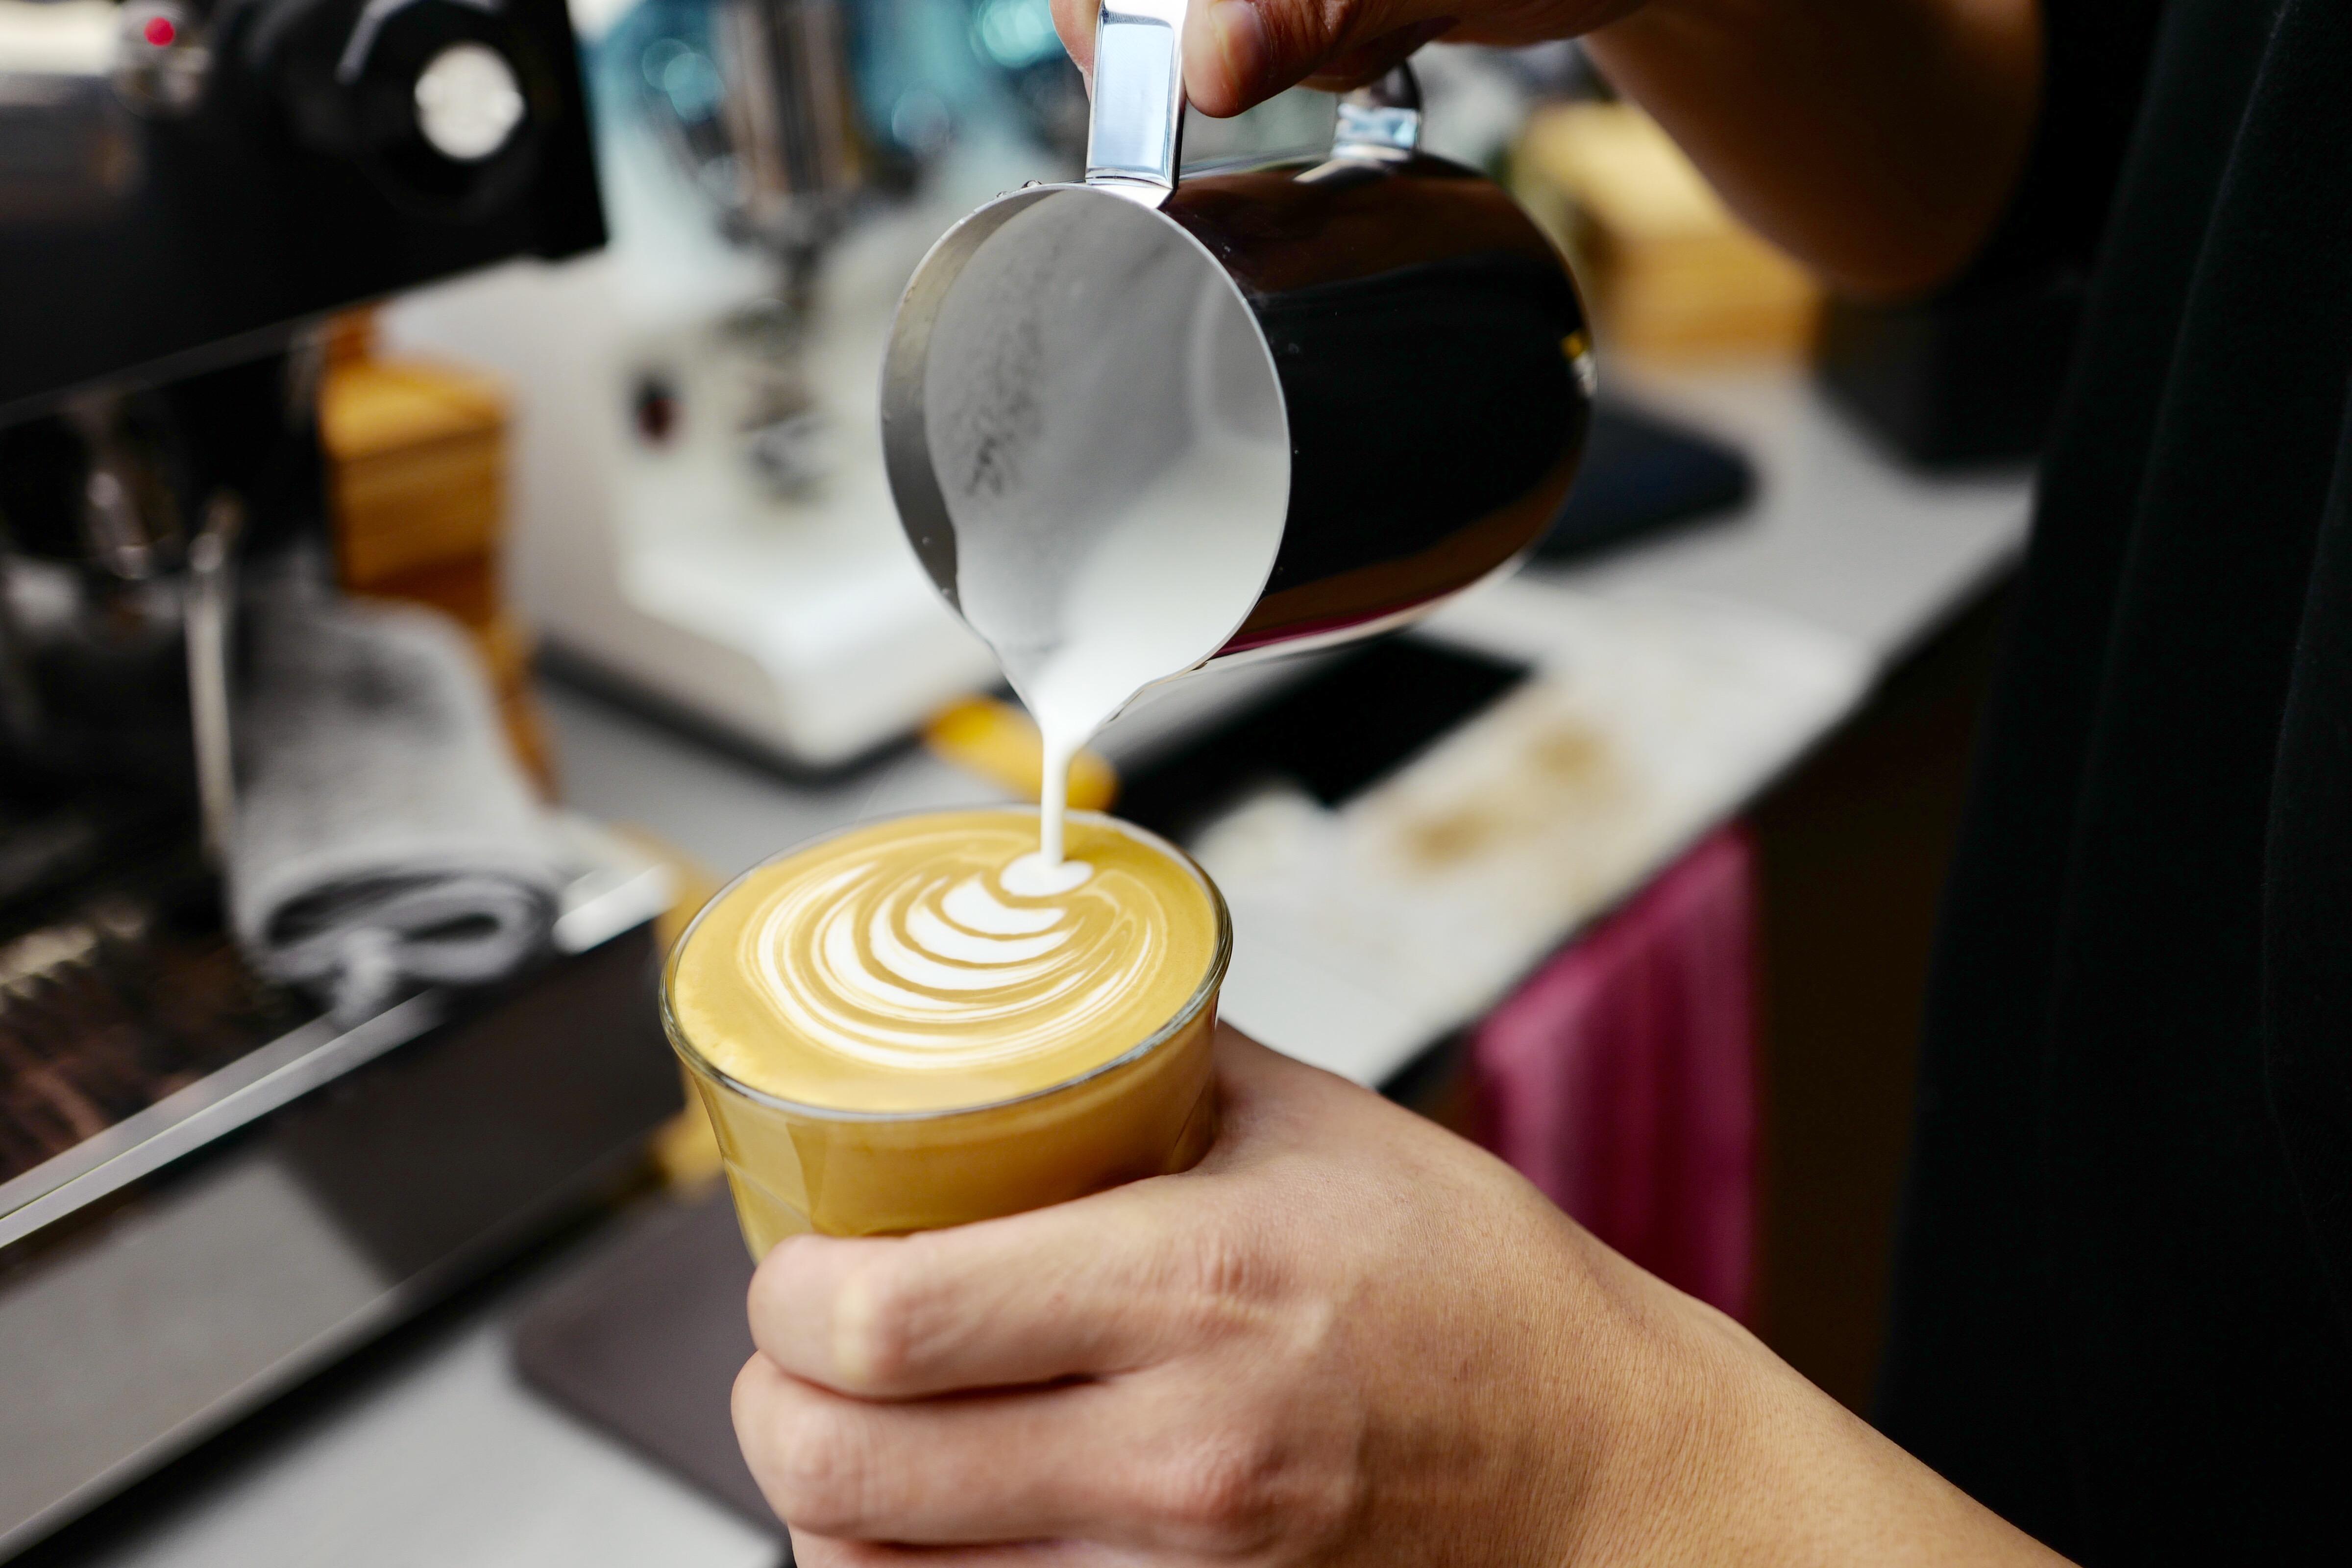 从1314元一盒的玫瑰,到108元一杯的精品咖啡,蒲易要打造第二个奢侈品牌!《华丽志》独家专访